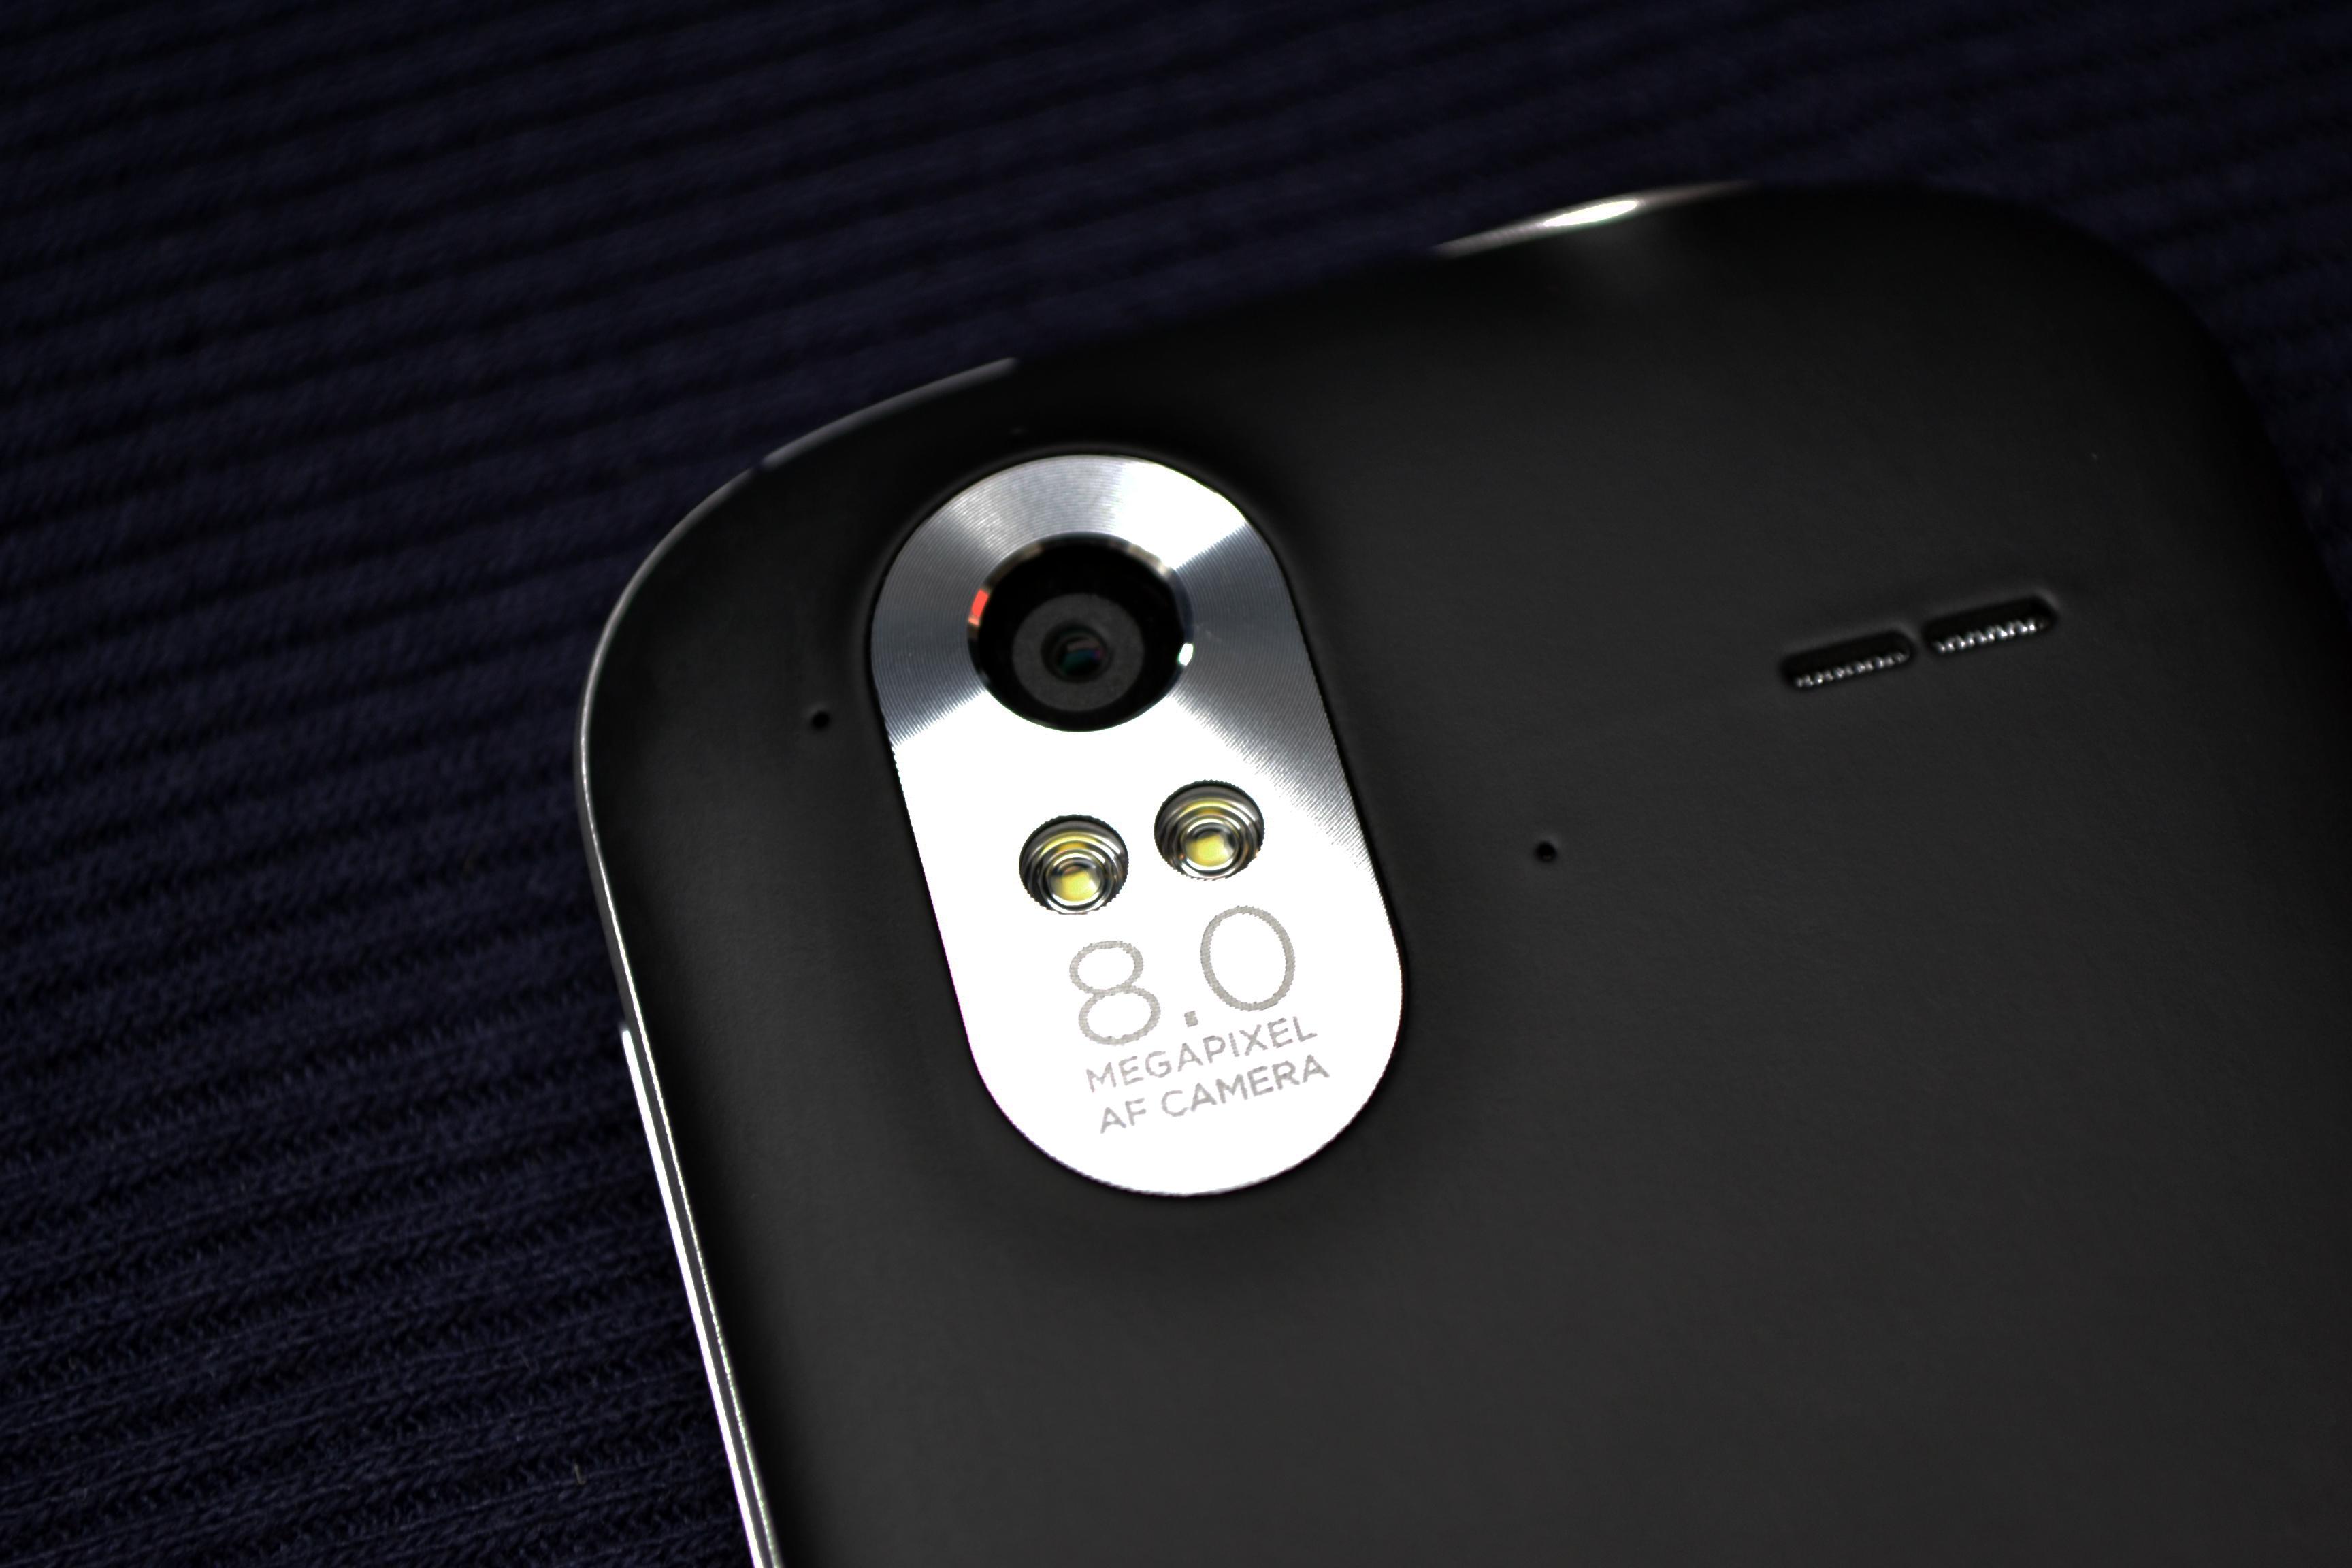 kamera_na_smartfonu